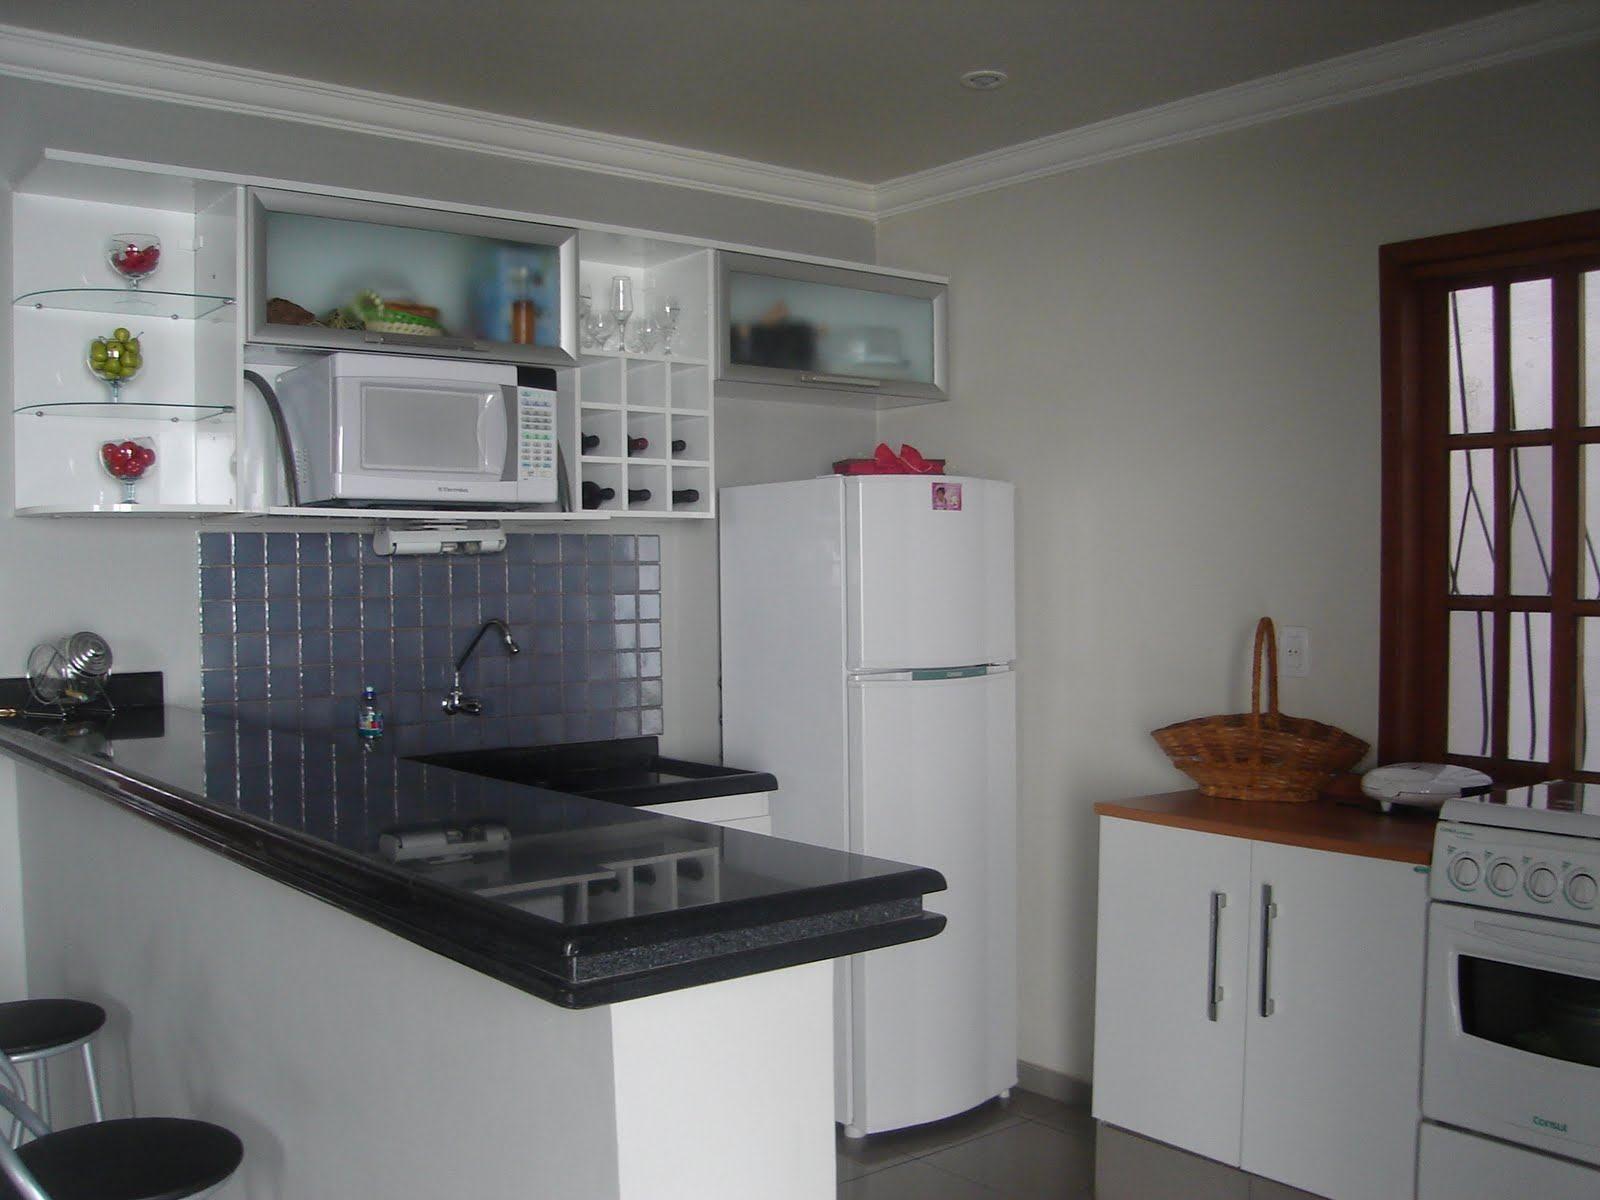 Balc O De Cozinha De Granito Carimbo Parede Pinterest  ~ Modelos De Cozinha Com Balcão